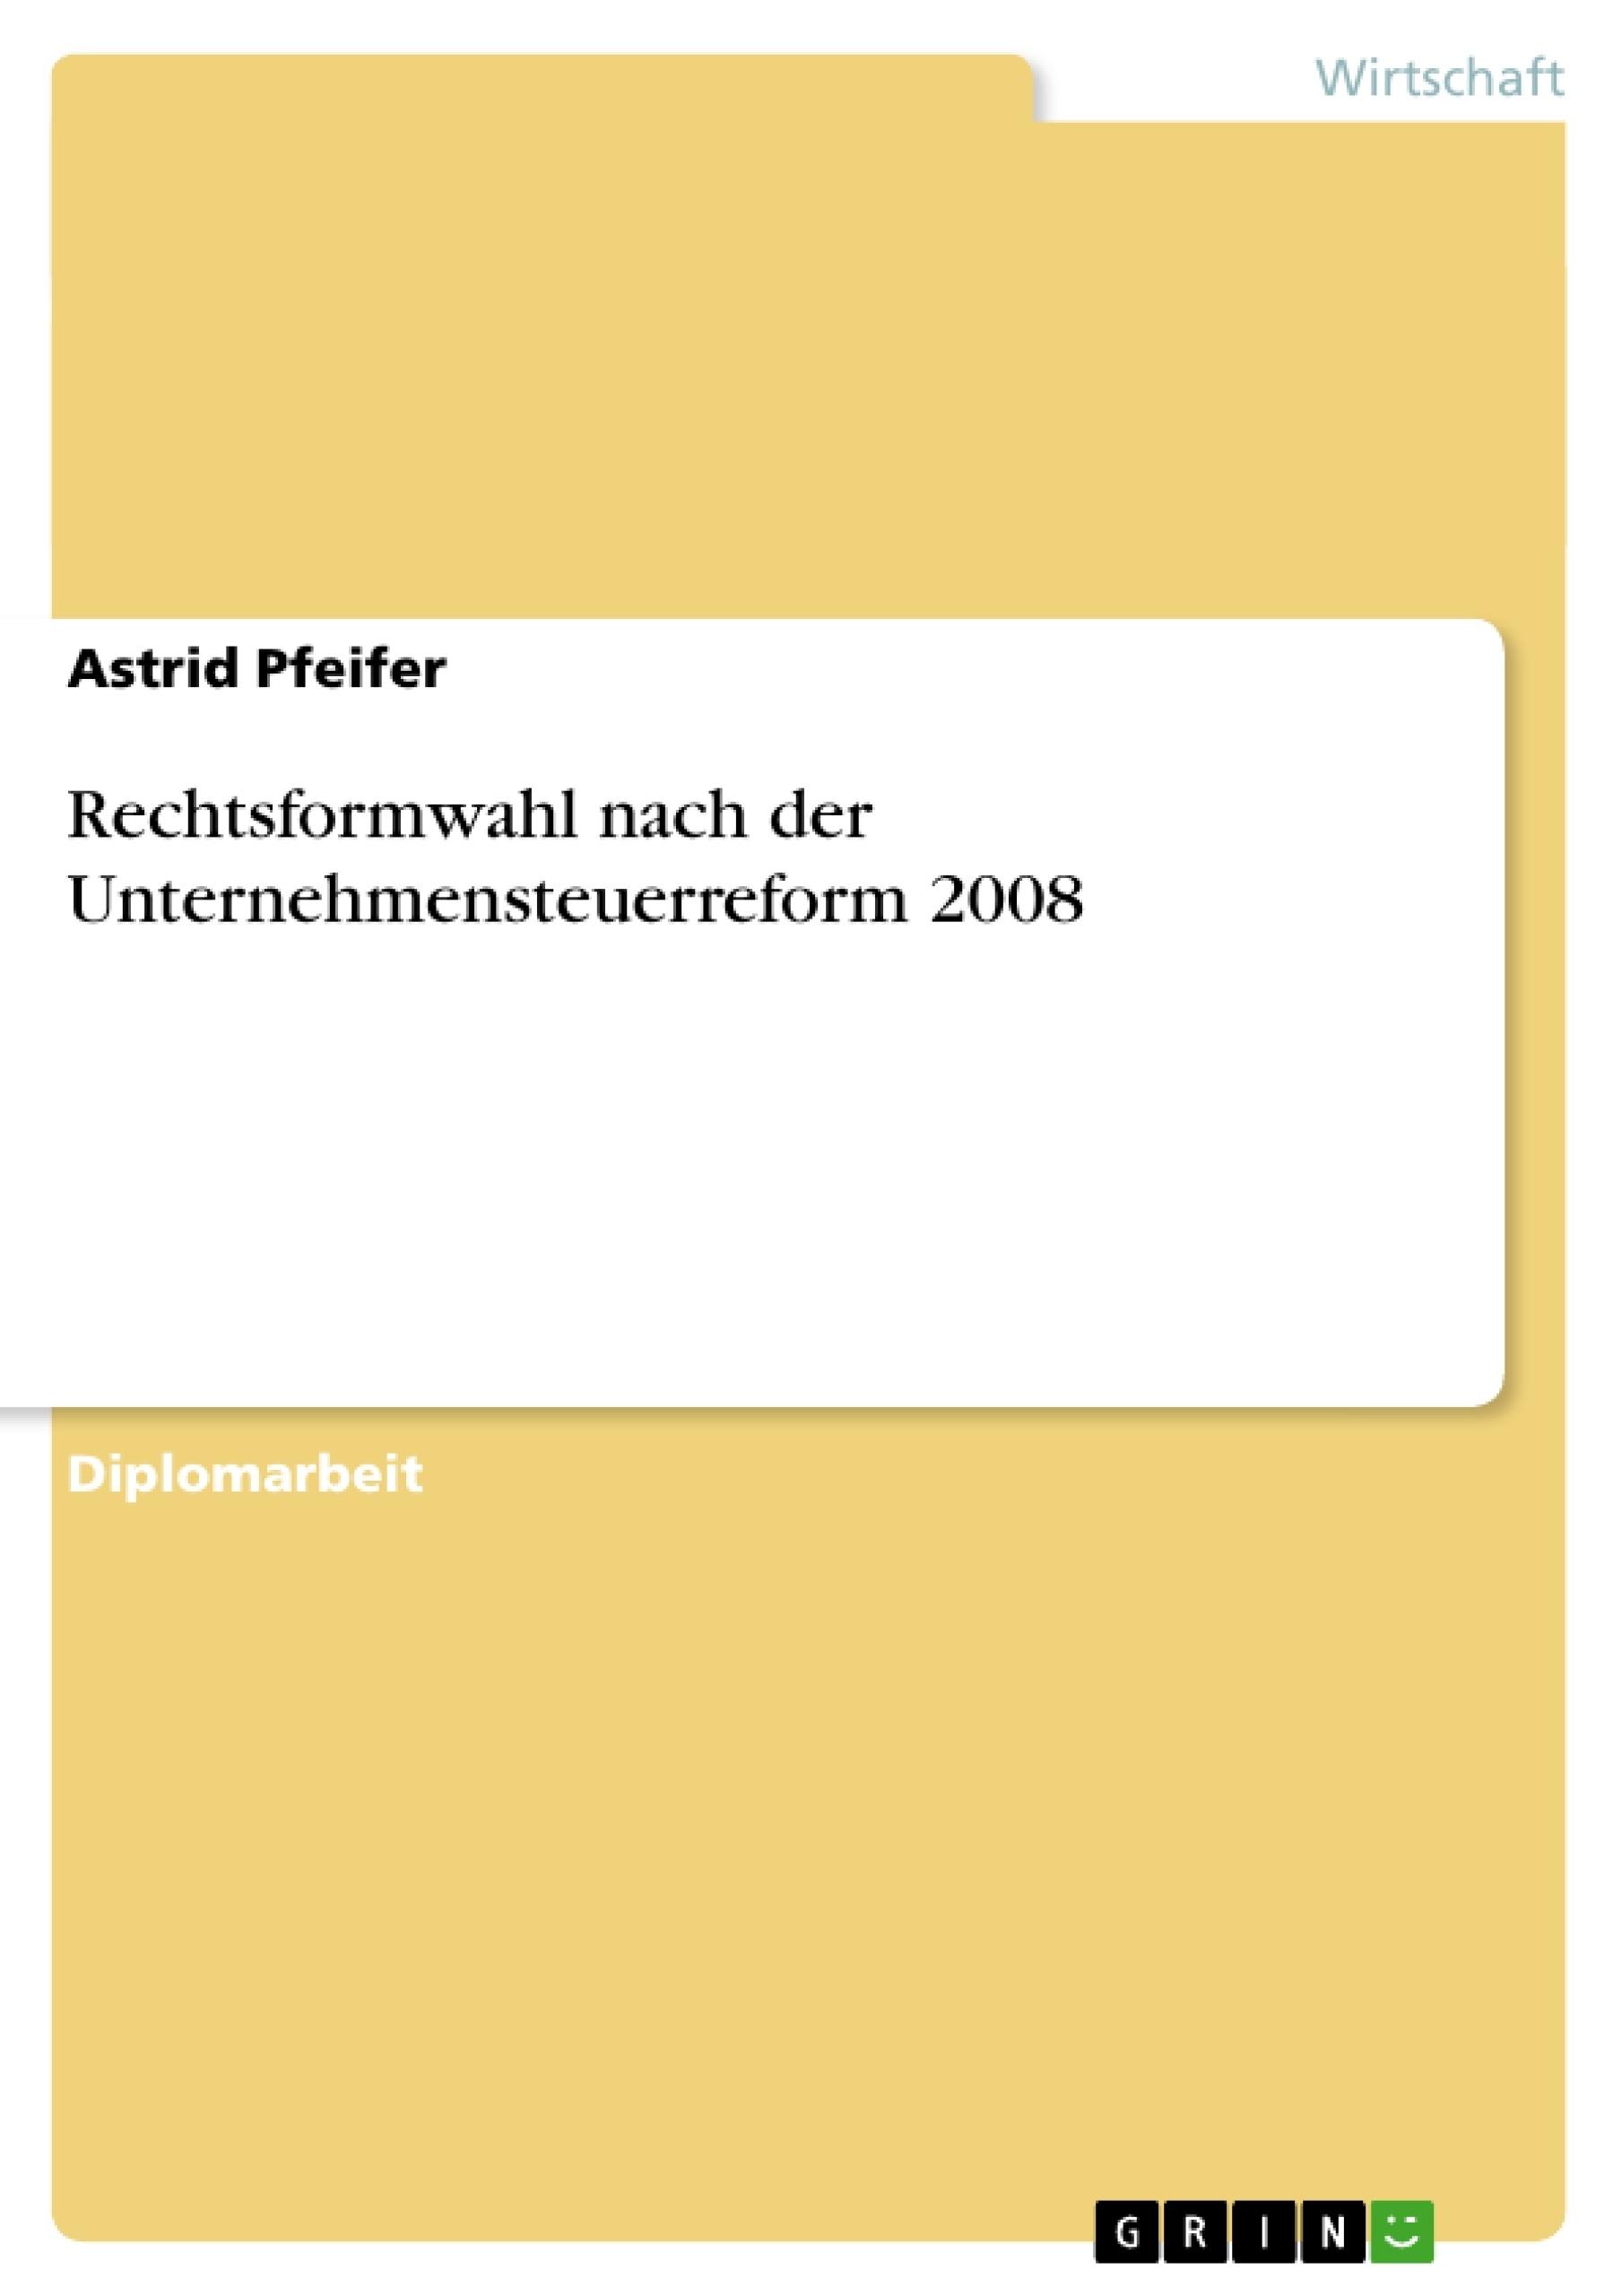 Titel: Rechtsformwahl nach der Unternehmensteuerreform 2008